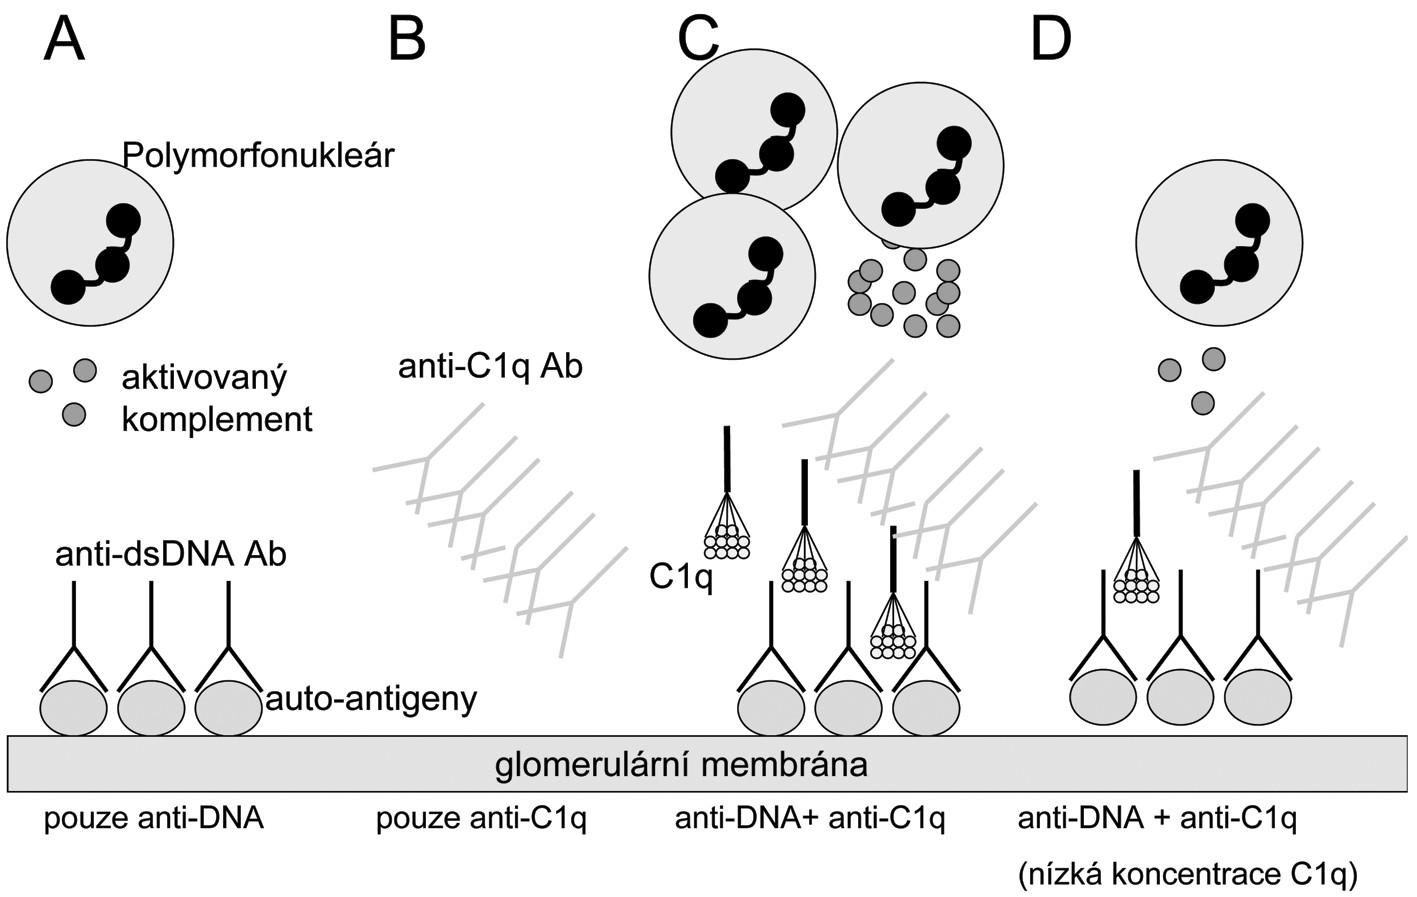 Hypotéza: Rozvine se lupusová nefritida či nikoliv? A) Pacienti s anti-ds DNA protilátkami (anti dsDNA- dsDNA imunokomplexy) a bez anti-C1q protilátek mají mírnou a/nebo regulátory komplementového systému efektivně kontrolovanou lupusovou nefritidu.  B) Nemocní pouze s anti-C1q protilátkami nebudou mít renální postižení, protože to vyžaduje přítomnost protilátek proti klasickým lupusovým antigenům v glomerulu.  C) Nemocní s anti-dsDNA protilátkami v glomerulu a vysokými titry anti-C1q protilátek budou mít těžkou lupusovou nefritidu díky zesílení aktivace zánětu prostřednictvím klasické cesty a influxu zánětlivých buněk.  D) pacienti s anti-dsDNA protilátkami a anti-C1q protilátkami nemusí (zatím) mít lupusovou nefritidu, pokud jsou lokální koncentrace C1q nízké a nedosahují prahu aktivace komplementu. Upraveno dle Fliermana (45).